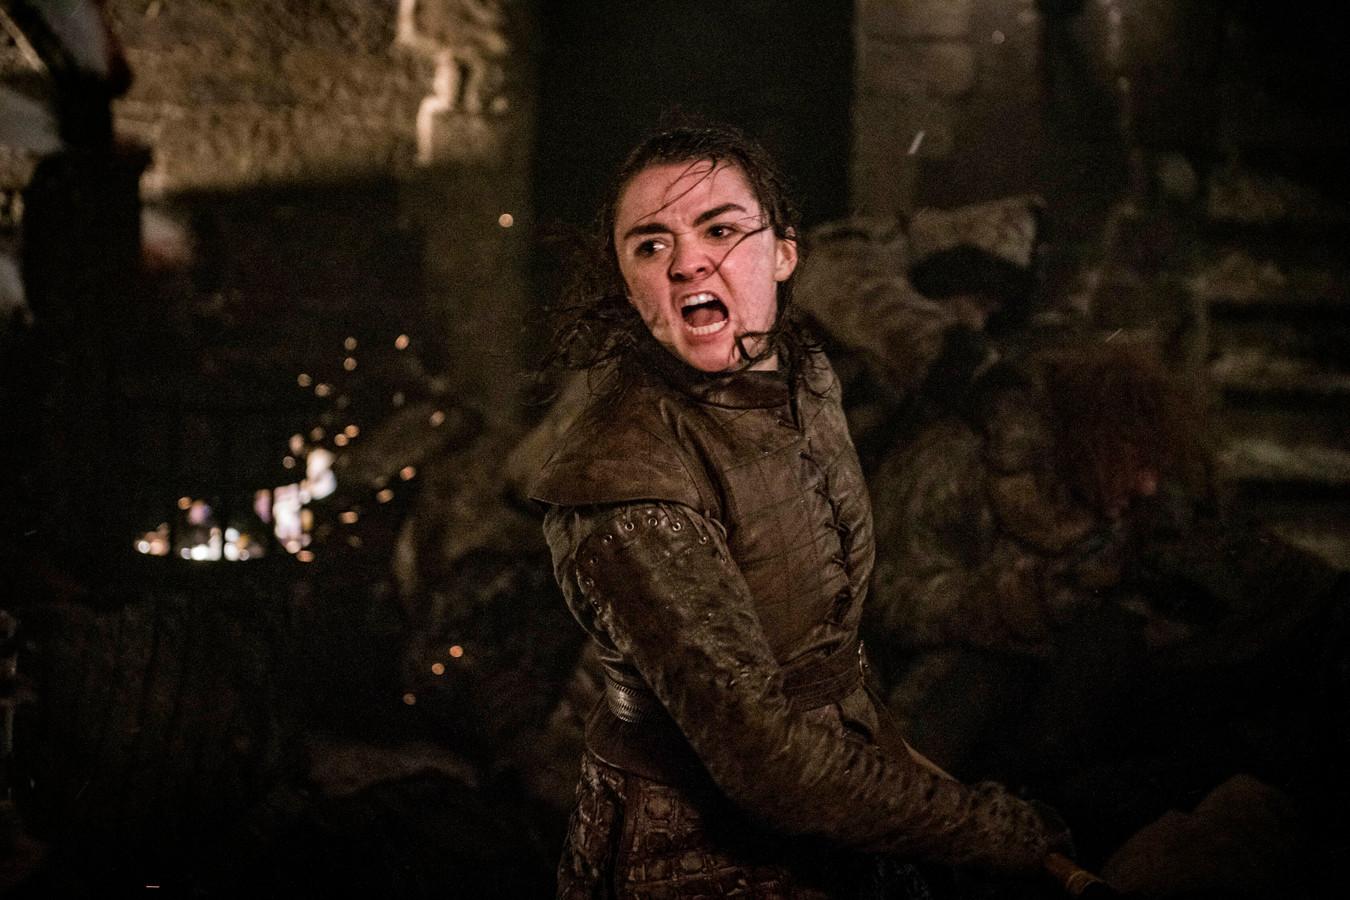 Arya Stark was het dodelijkste personage.